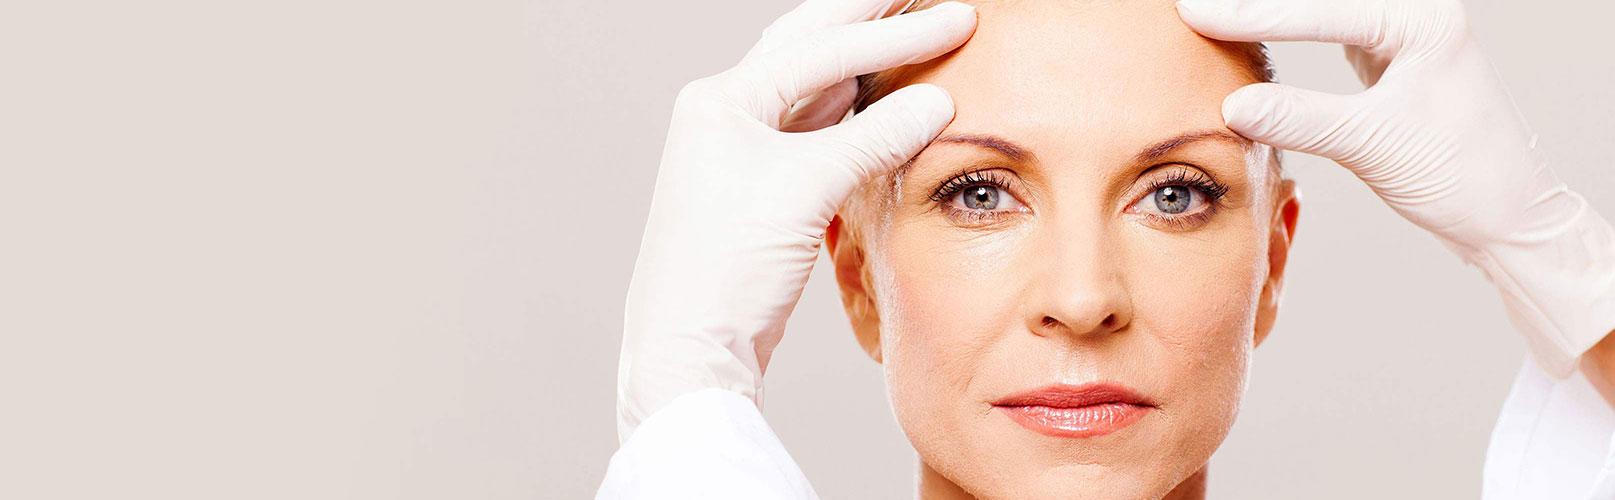 Injection de botox à Lyon - médecine esthétique | Dr Corniglion